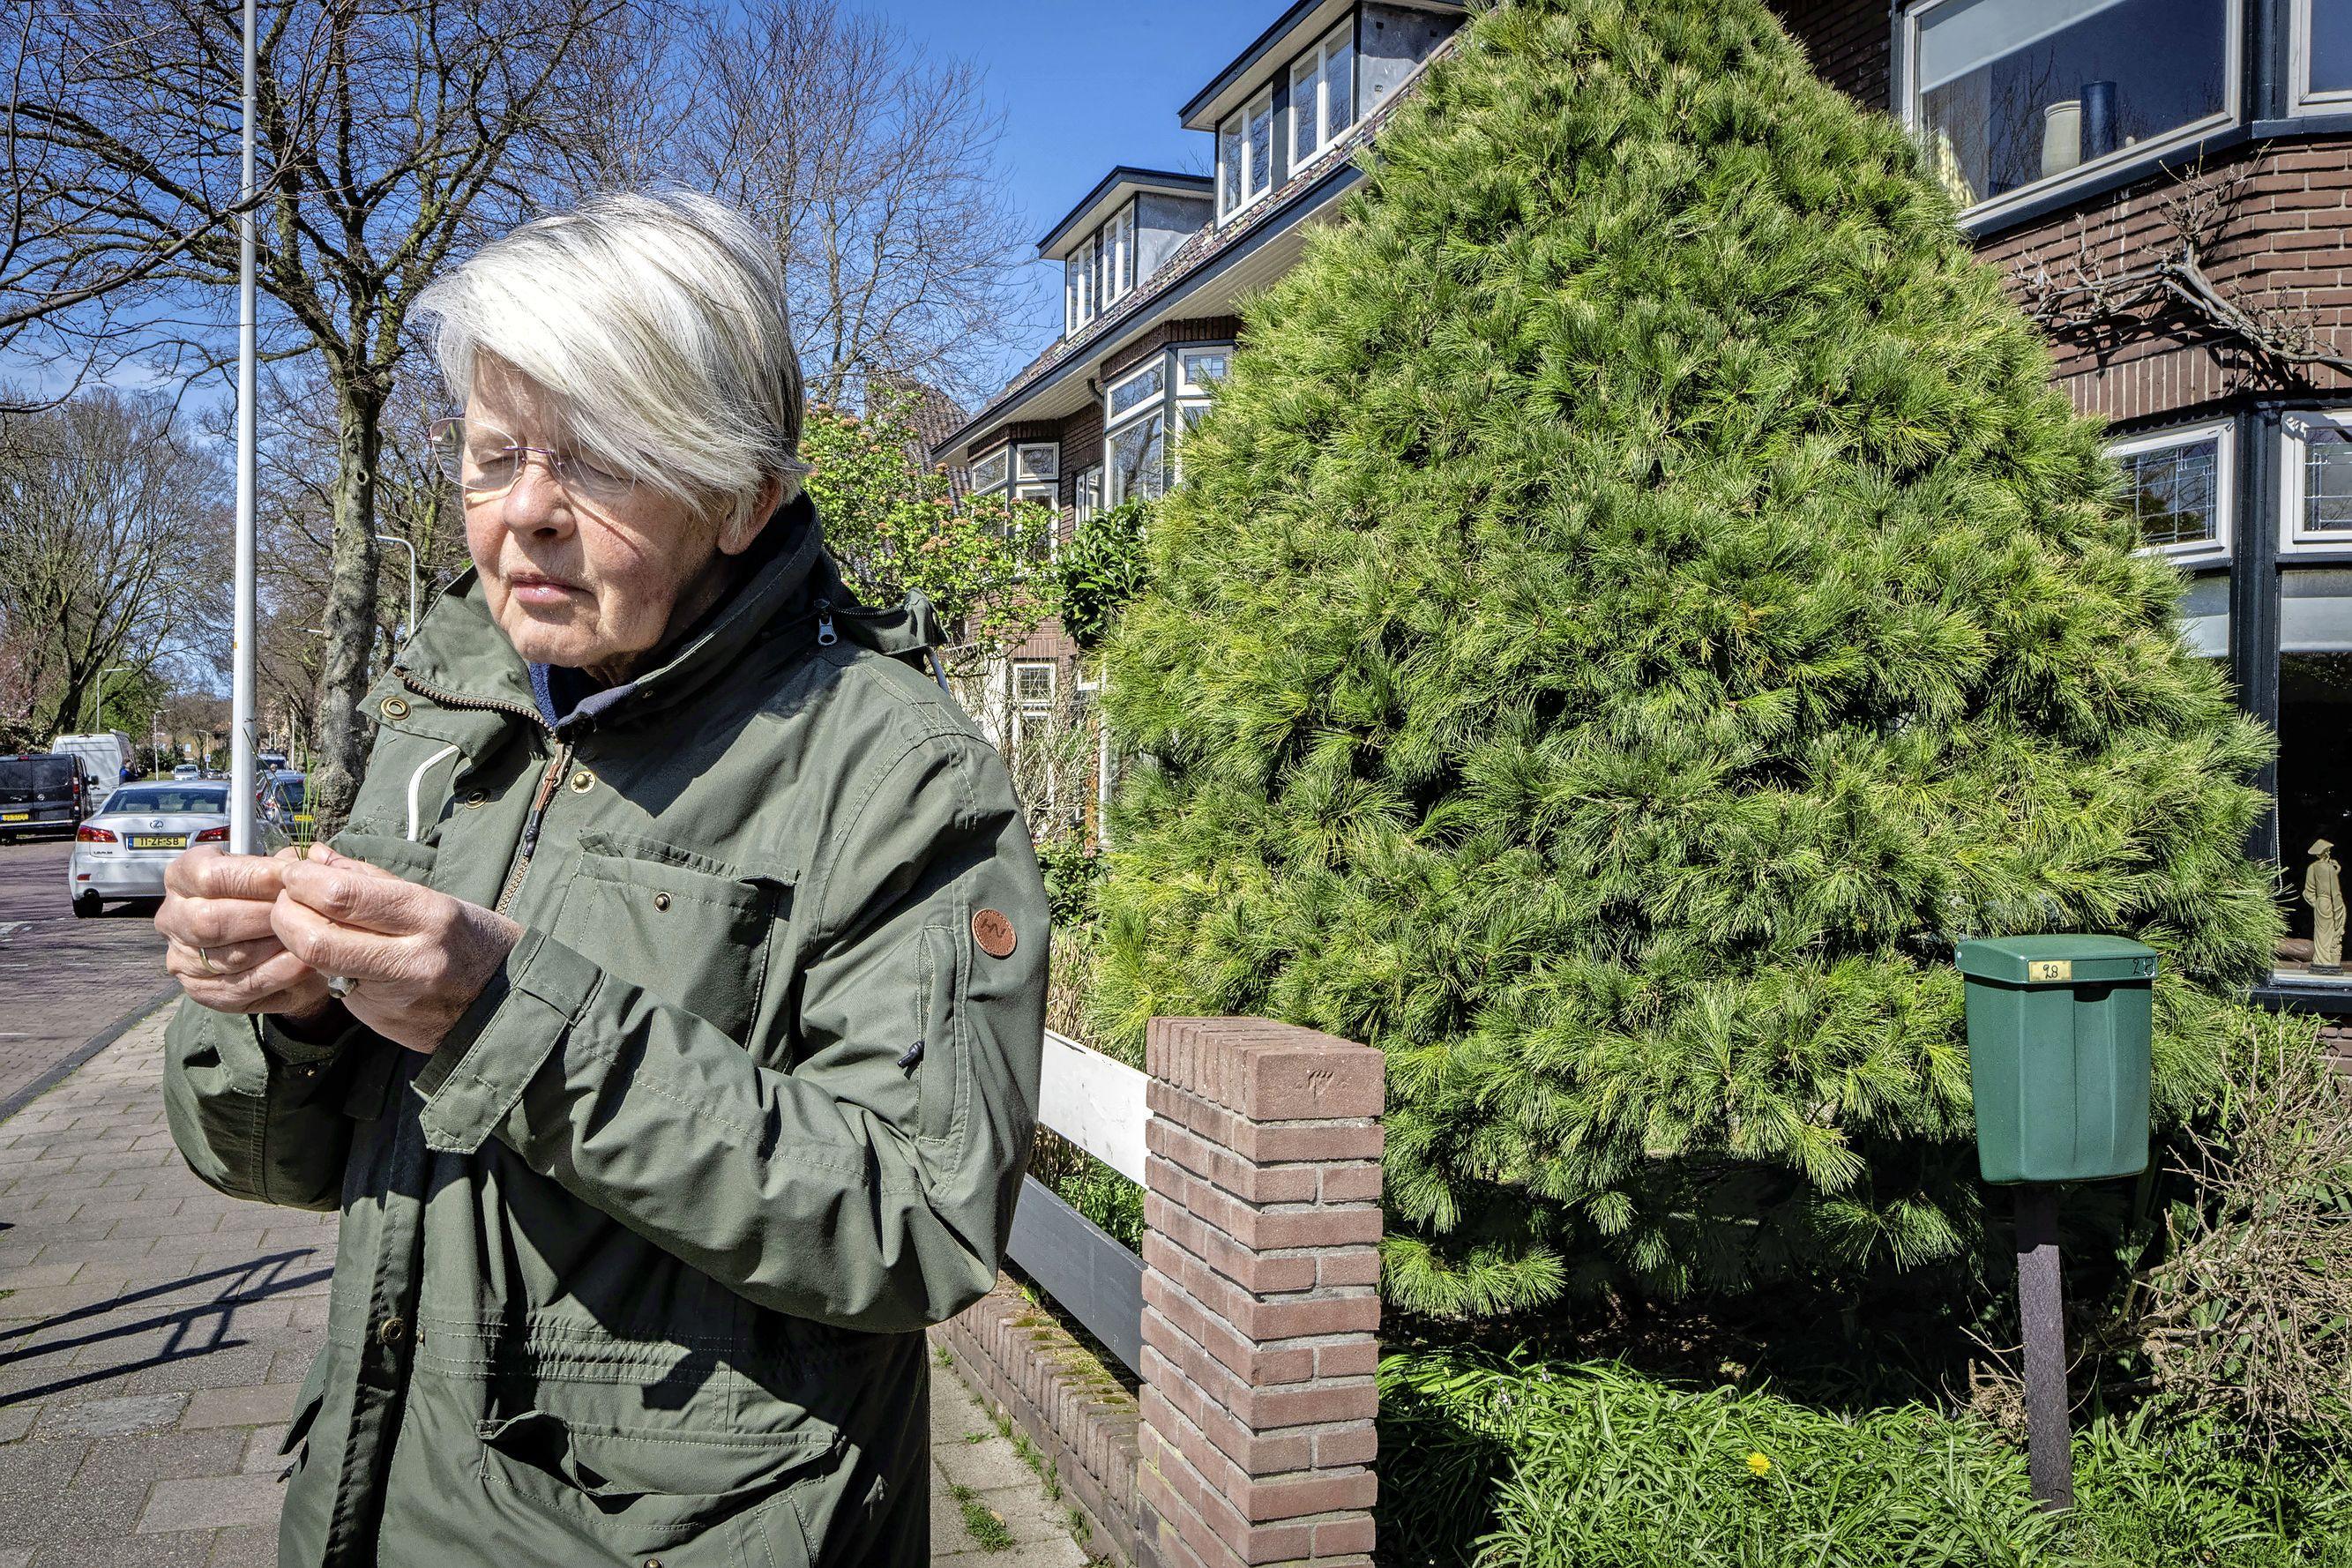 Rinny E. Kooi liep een bijzondere boom tegen het lijf: 'Ik word ook wel de Leidse bomenspecialist genoemd'